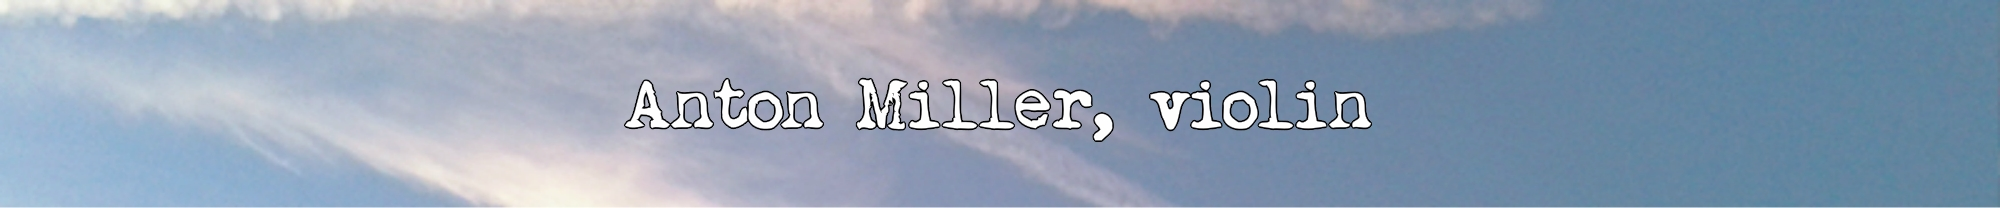 Anton Miller